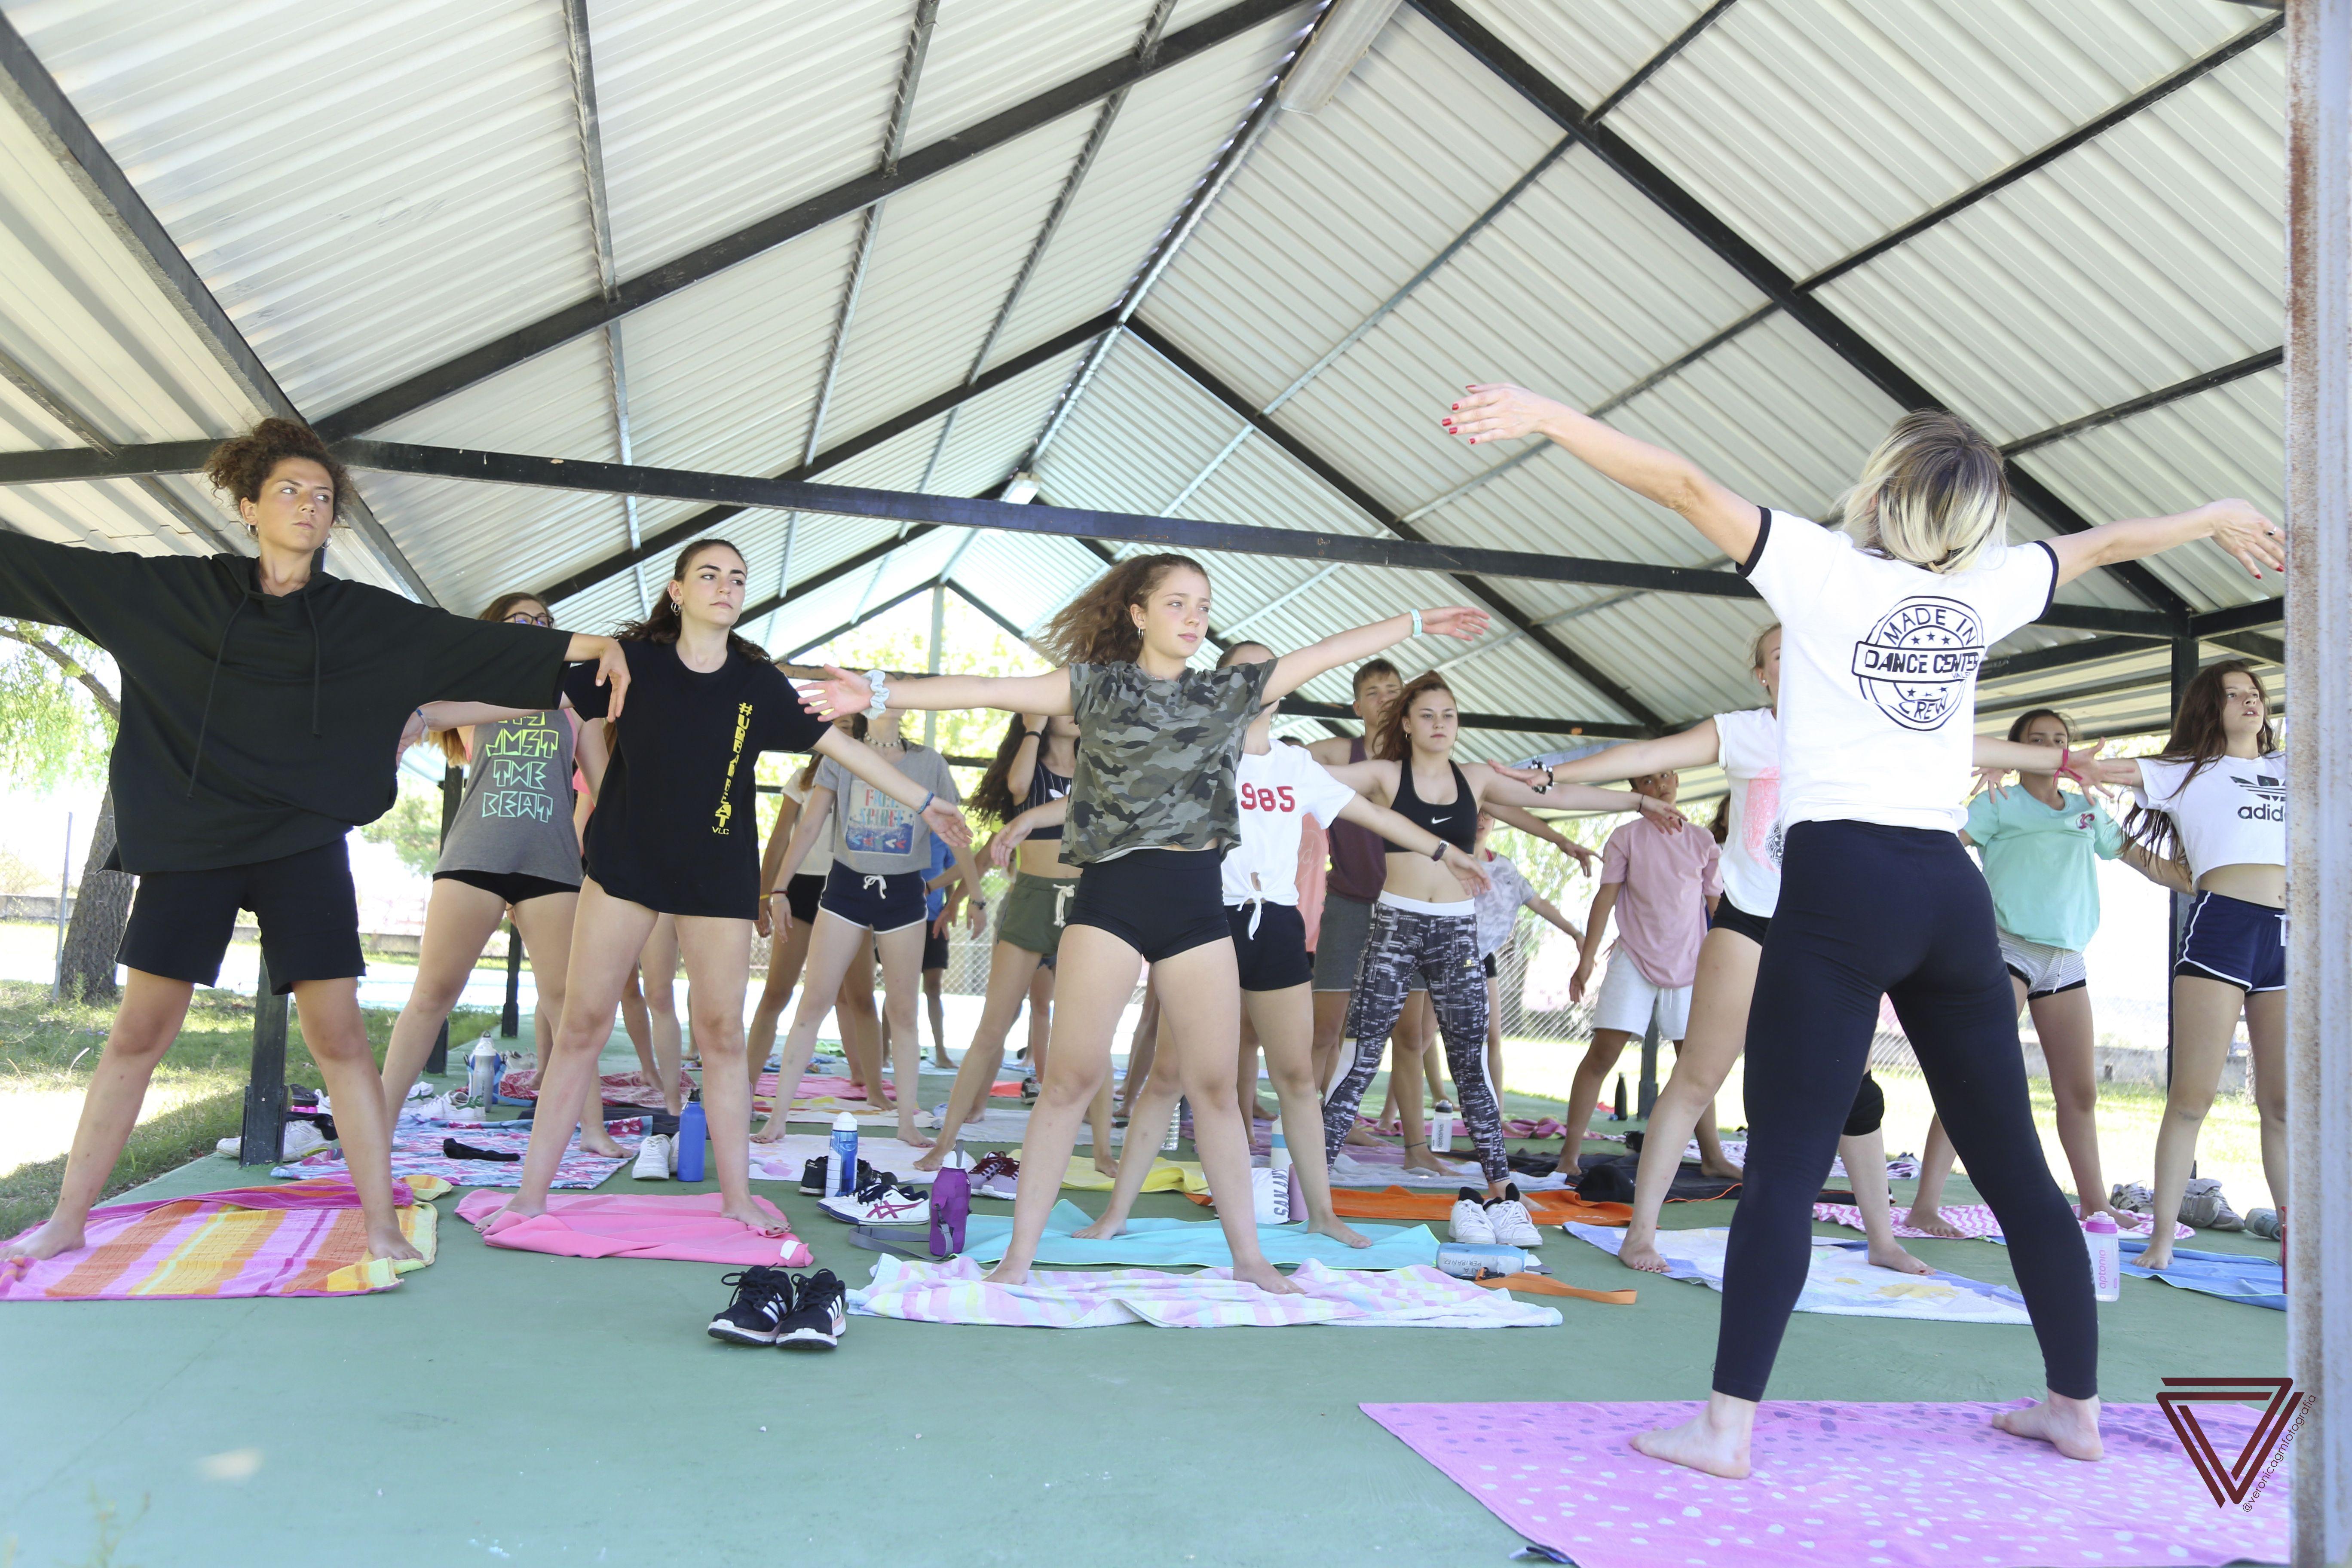 Academia de baile Valencia, Dance Center